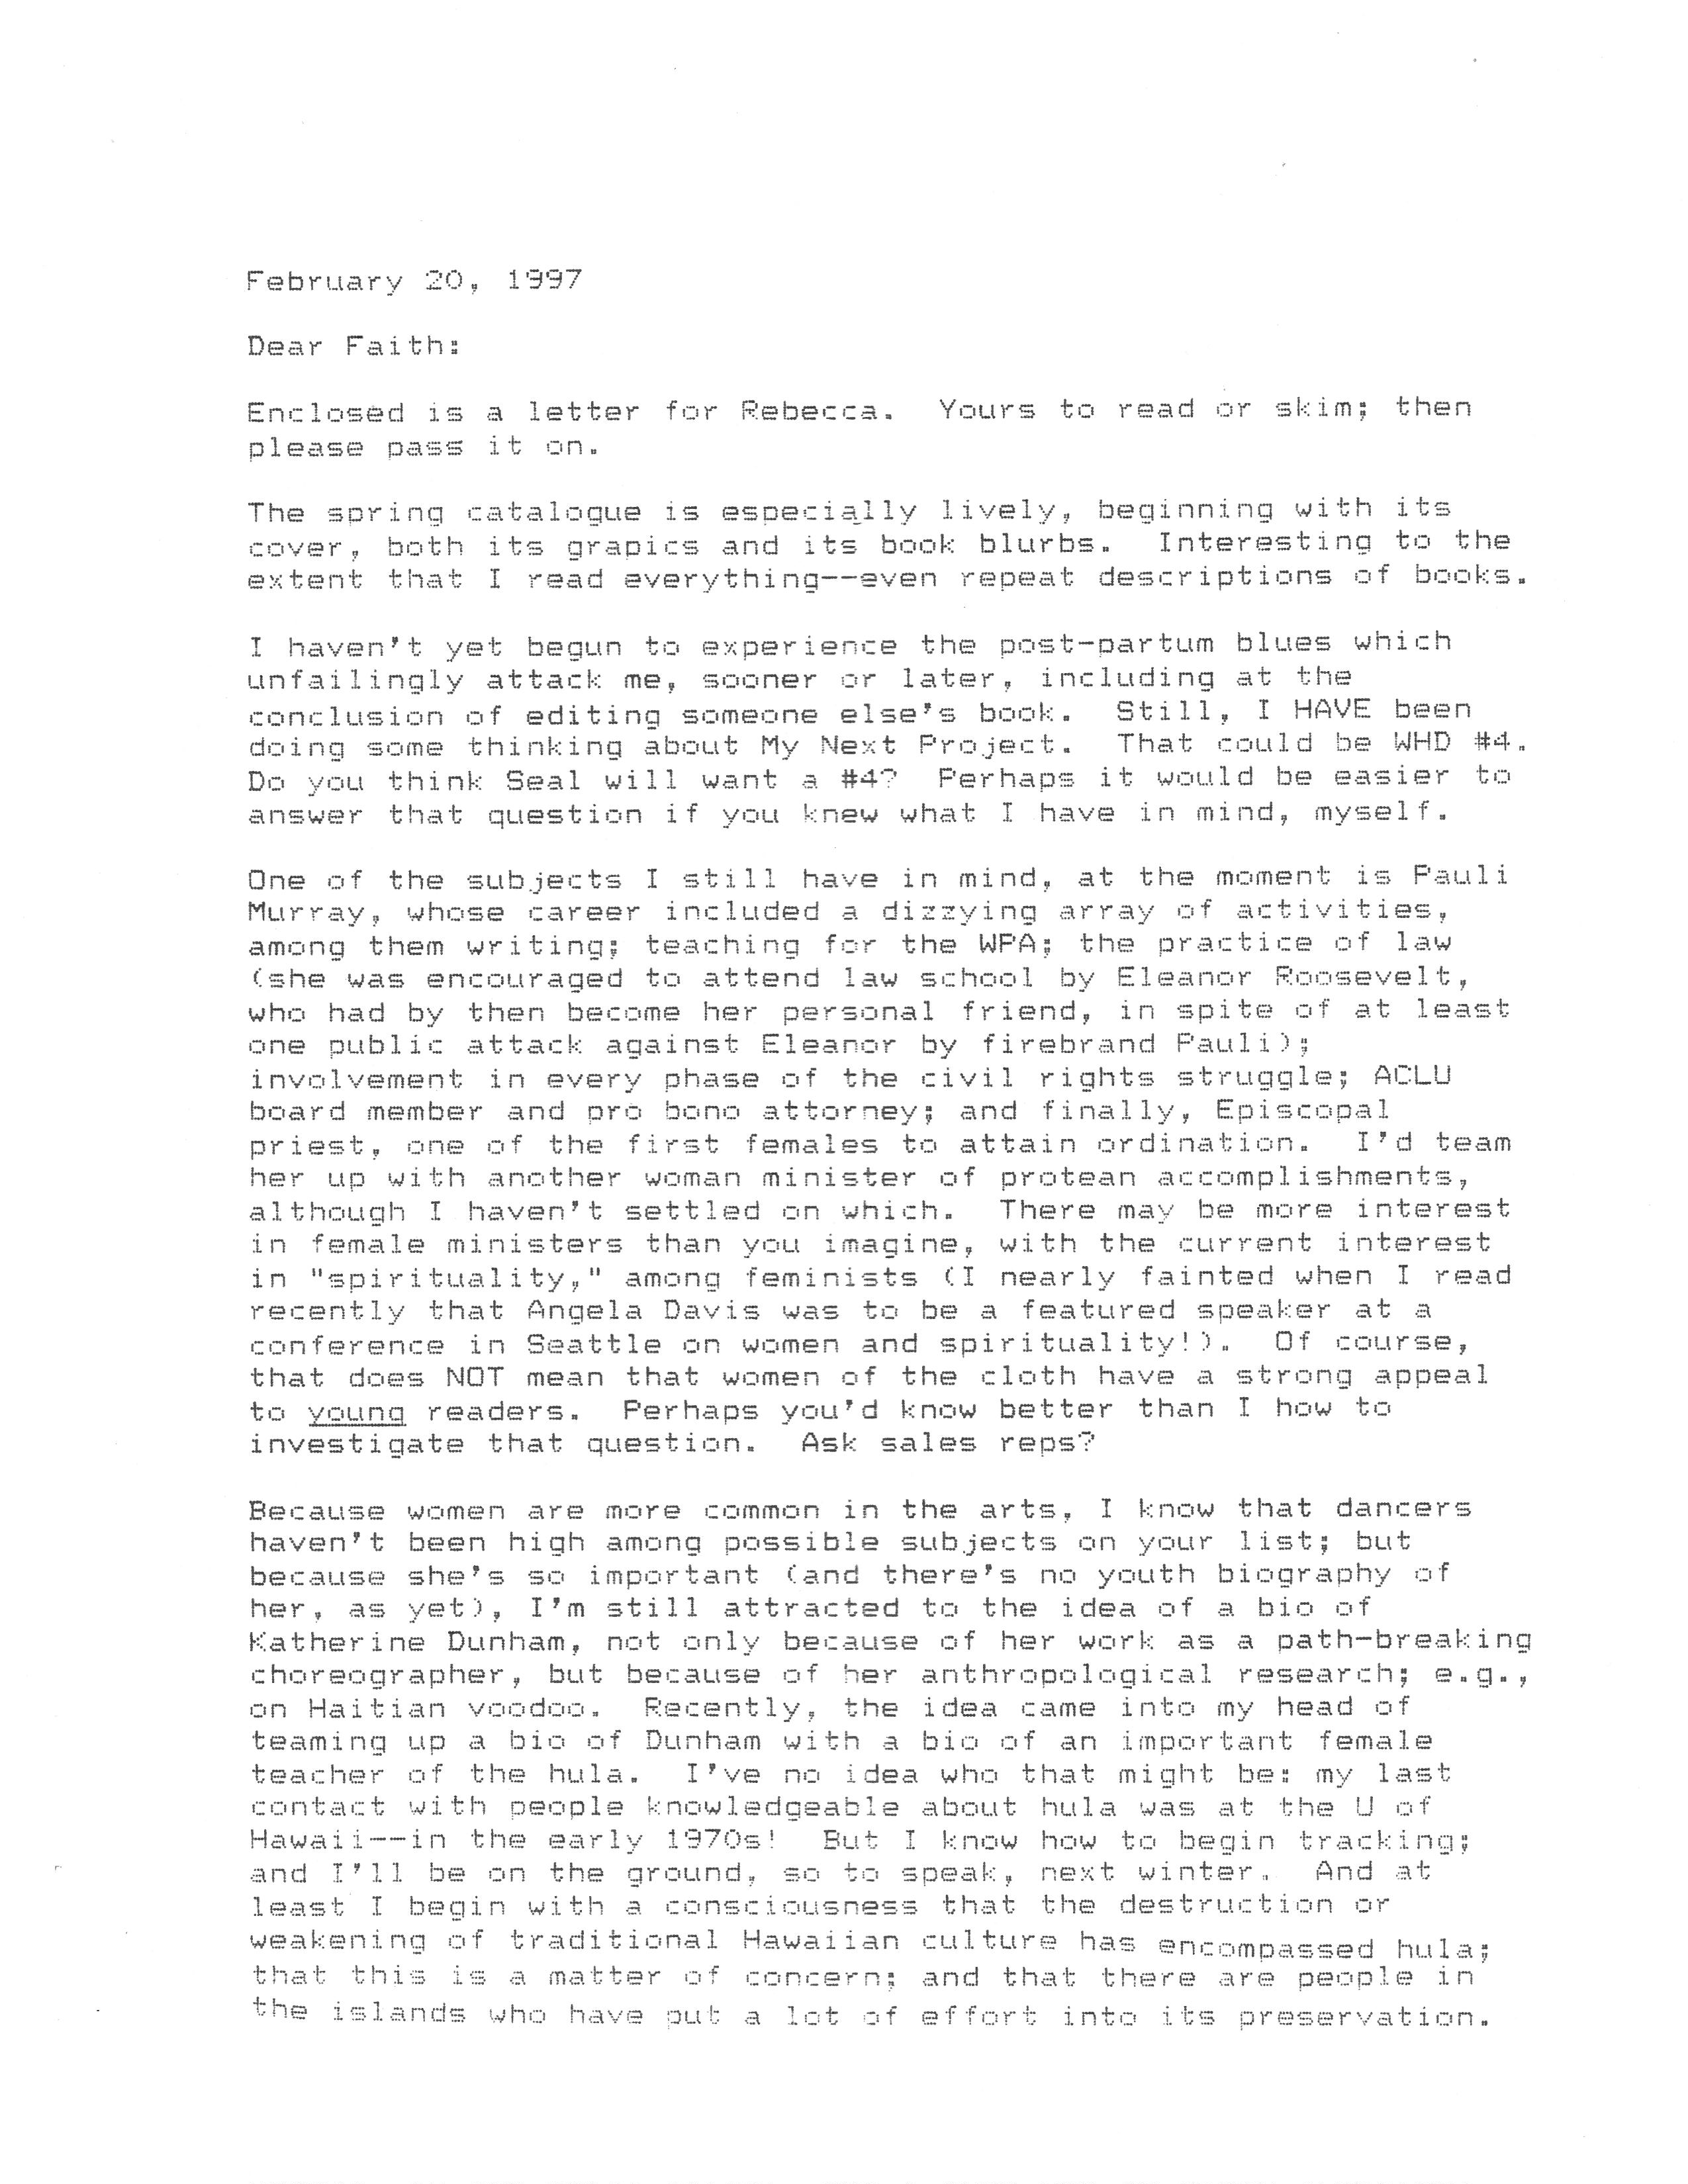 davidson letter pt1